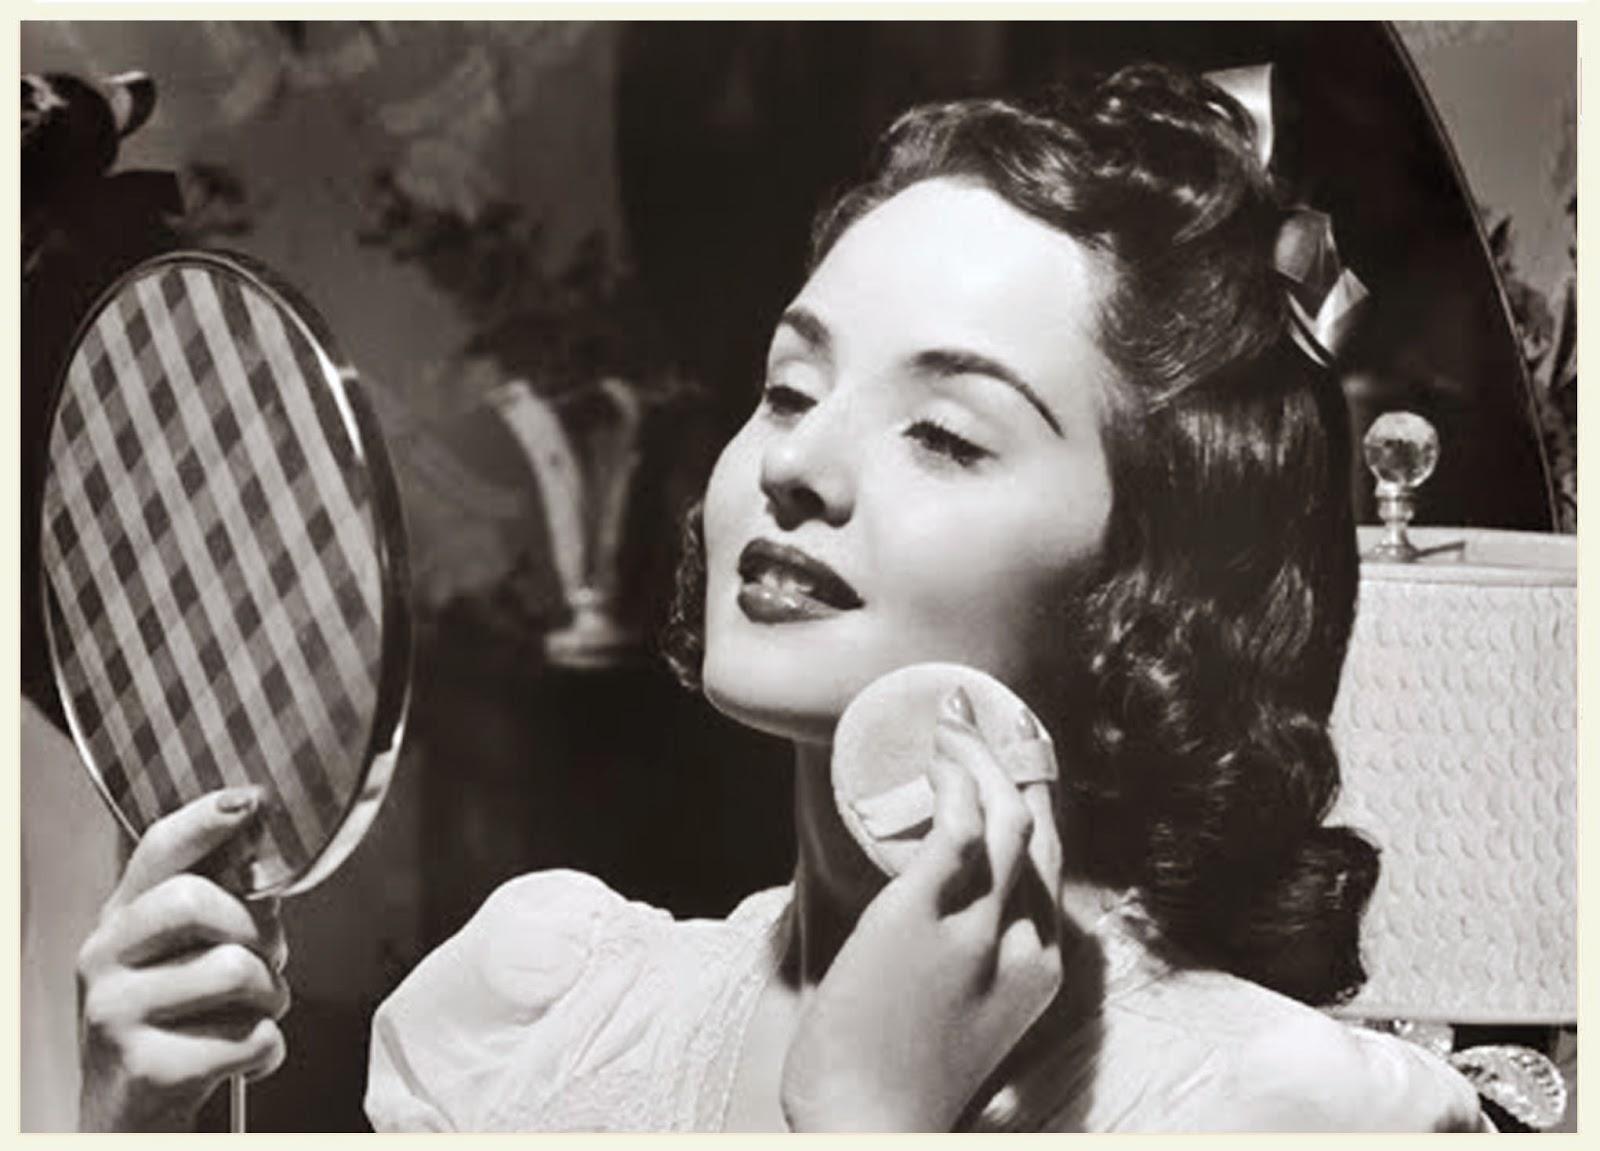 20 Tutoriais em vídeo de Maquiagem Vintage Inspired